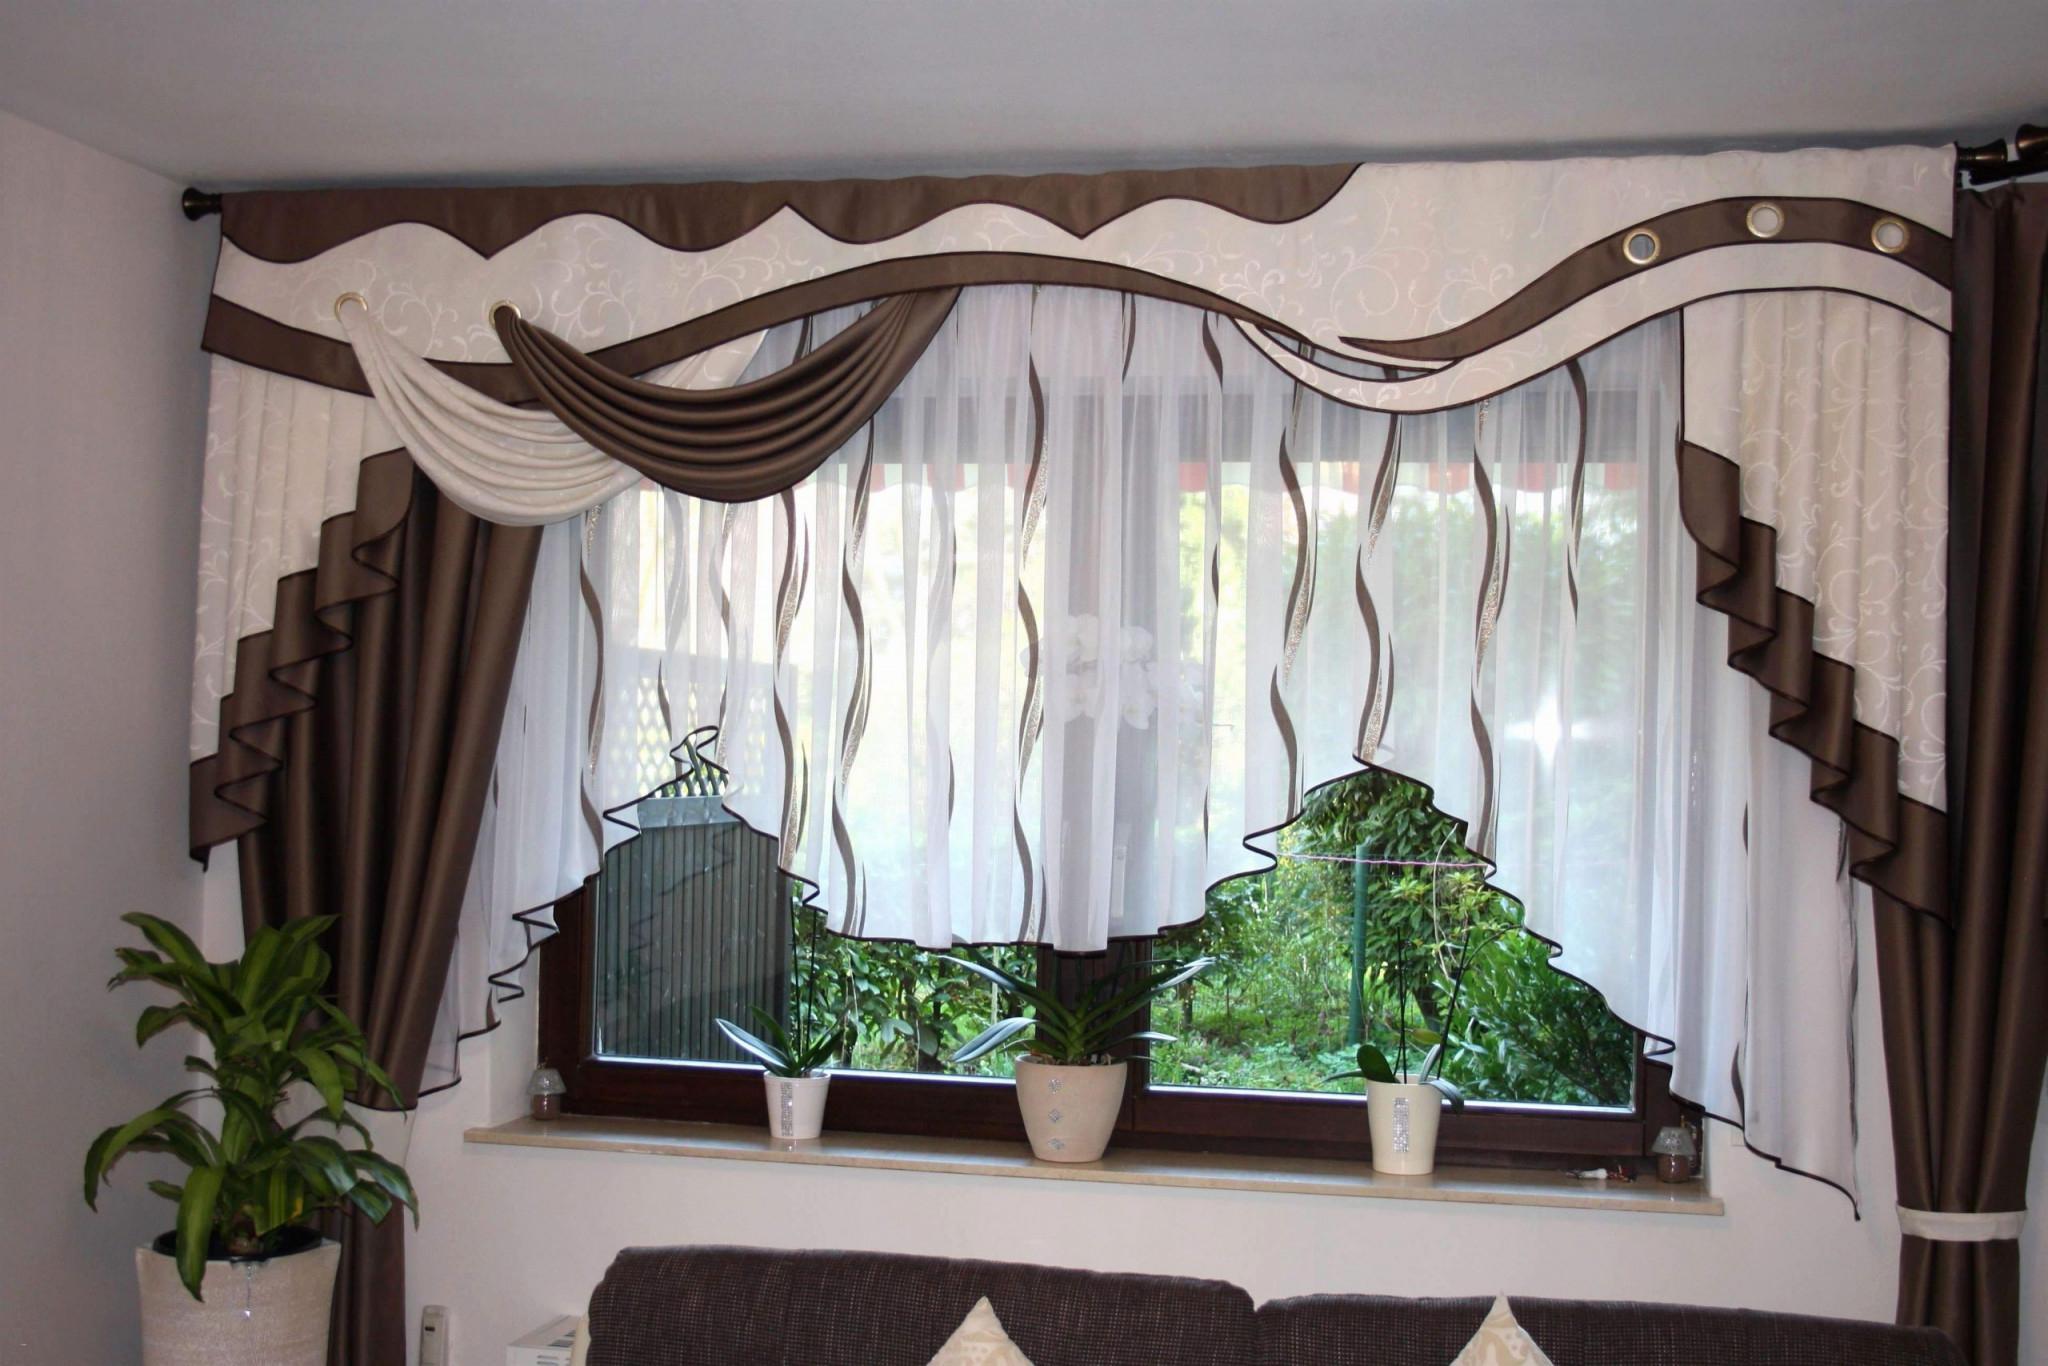 Gardinen Dekorationsvorschläge Wohnzimmer Reizend Schöne Bad von Gardinen Dekorationsvorschläge Wohnzimmer Bild